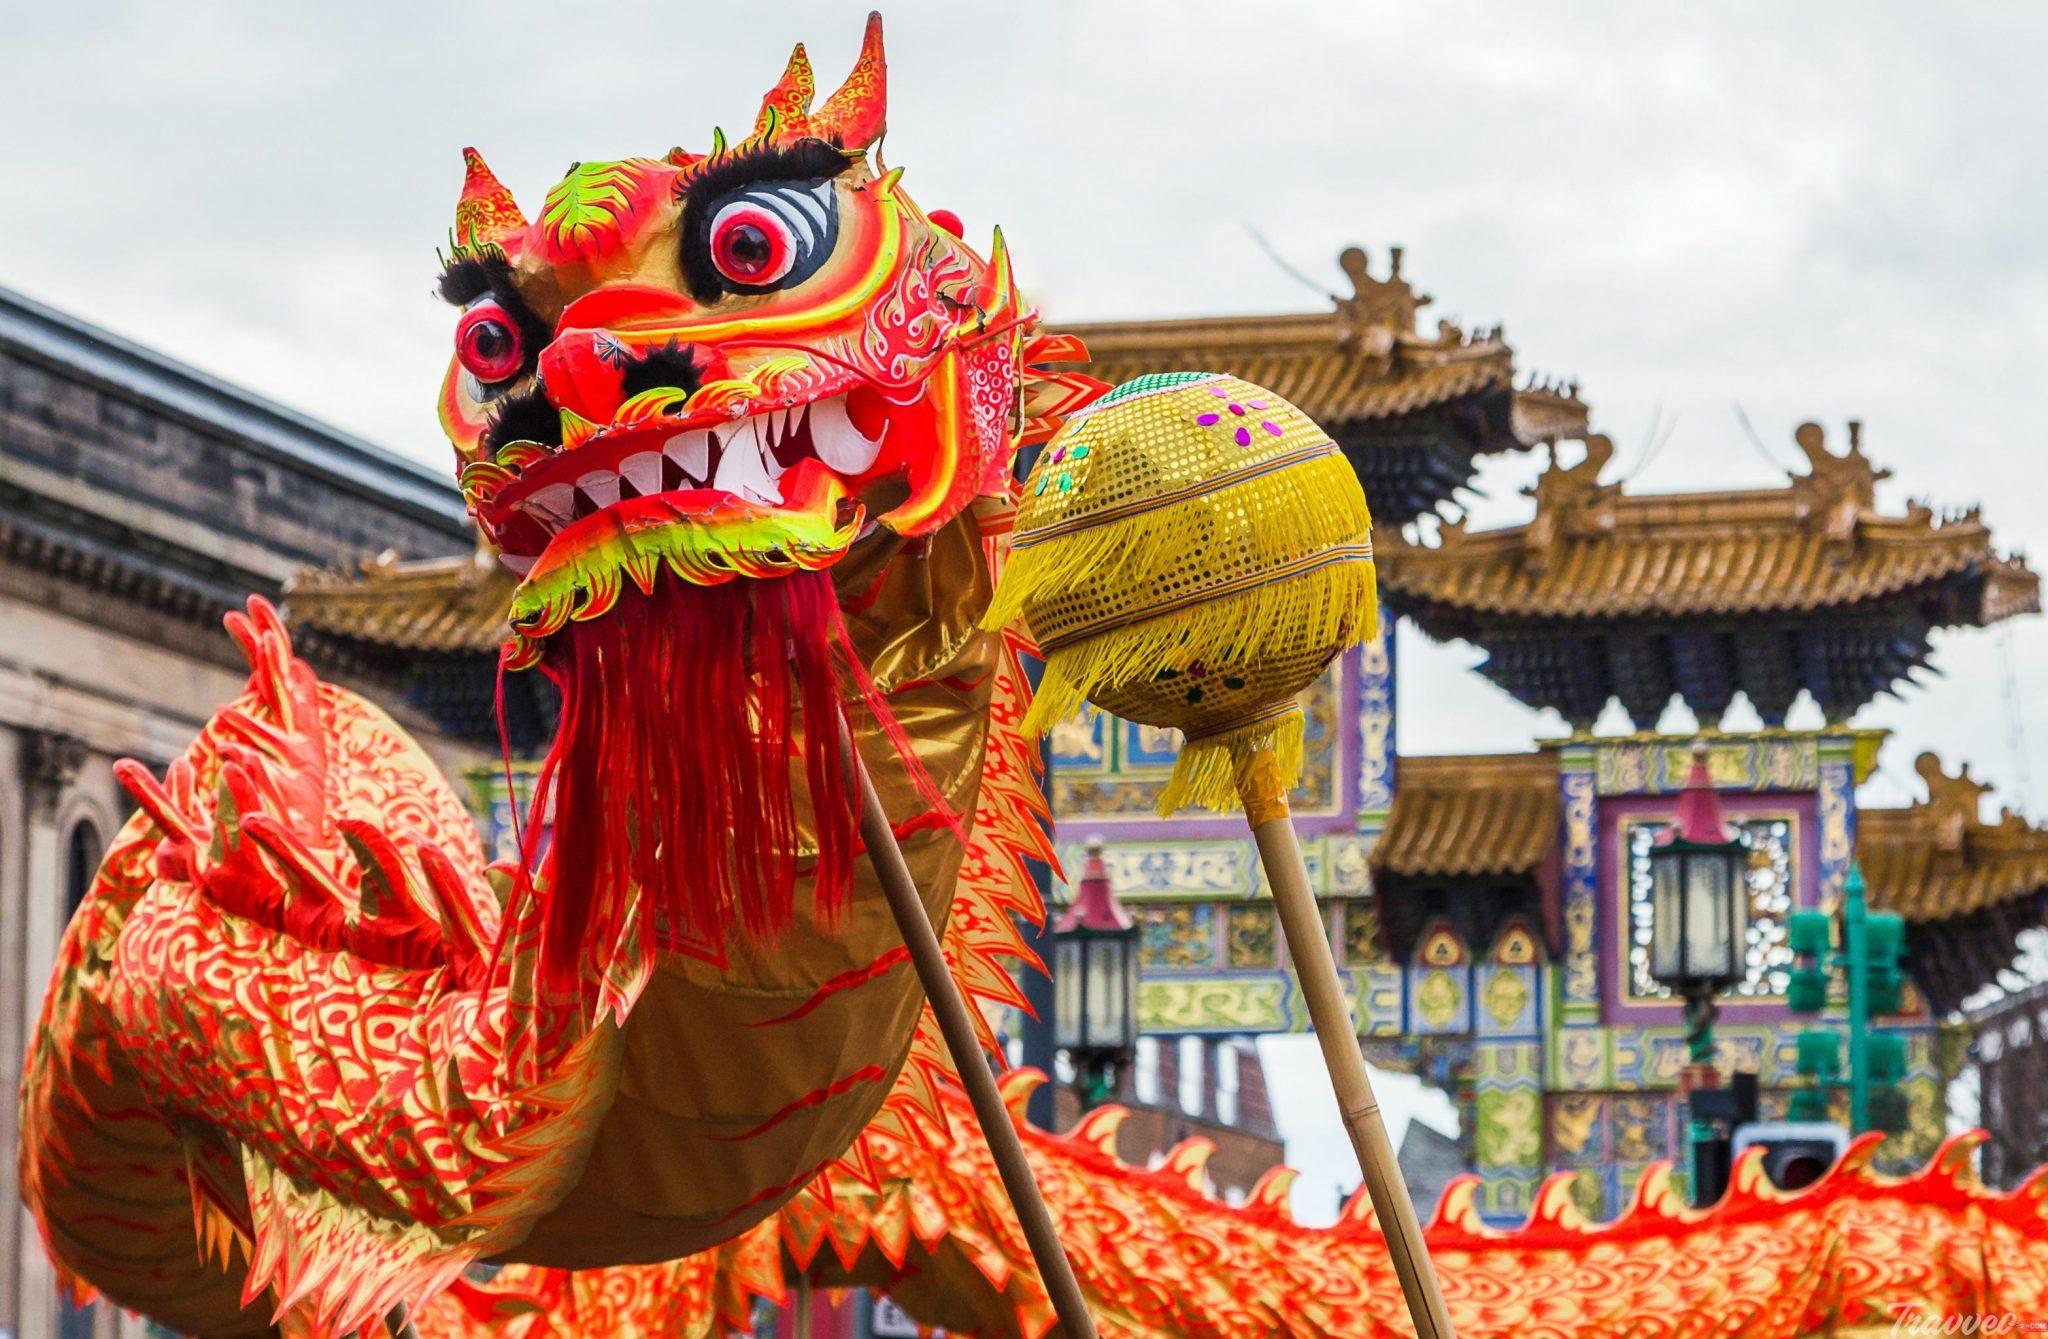 حفلة رأس السنة 2020 في هونغ كونغ